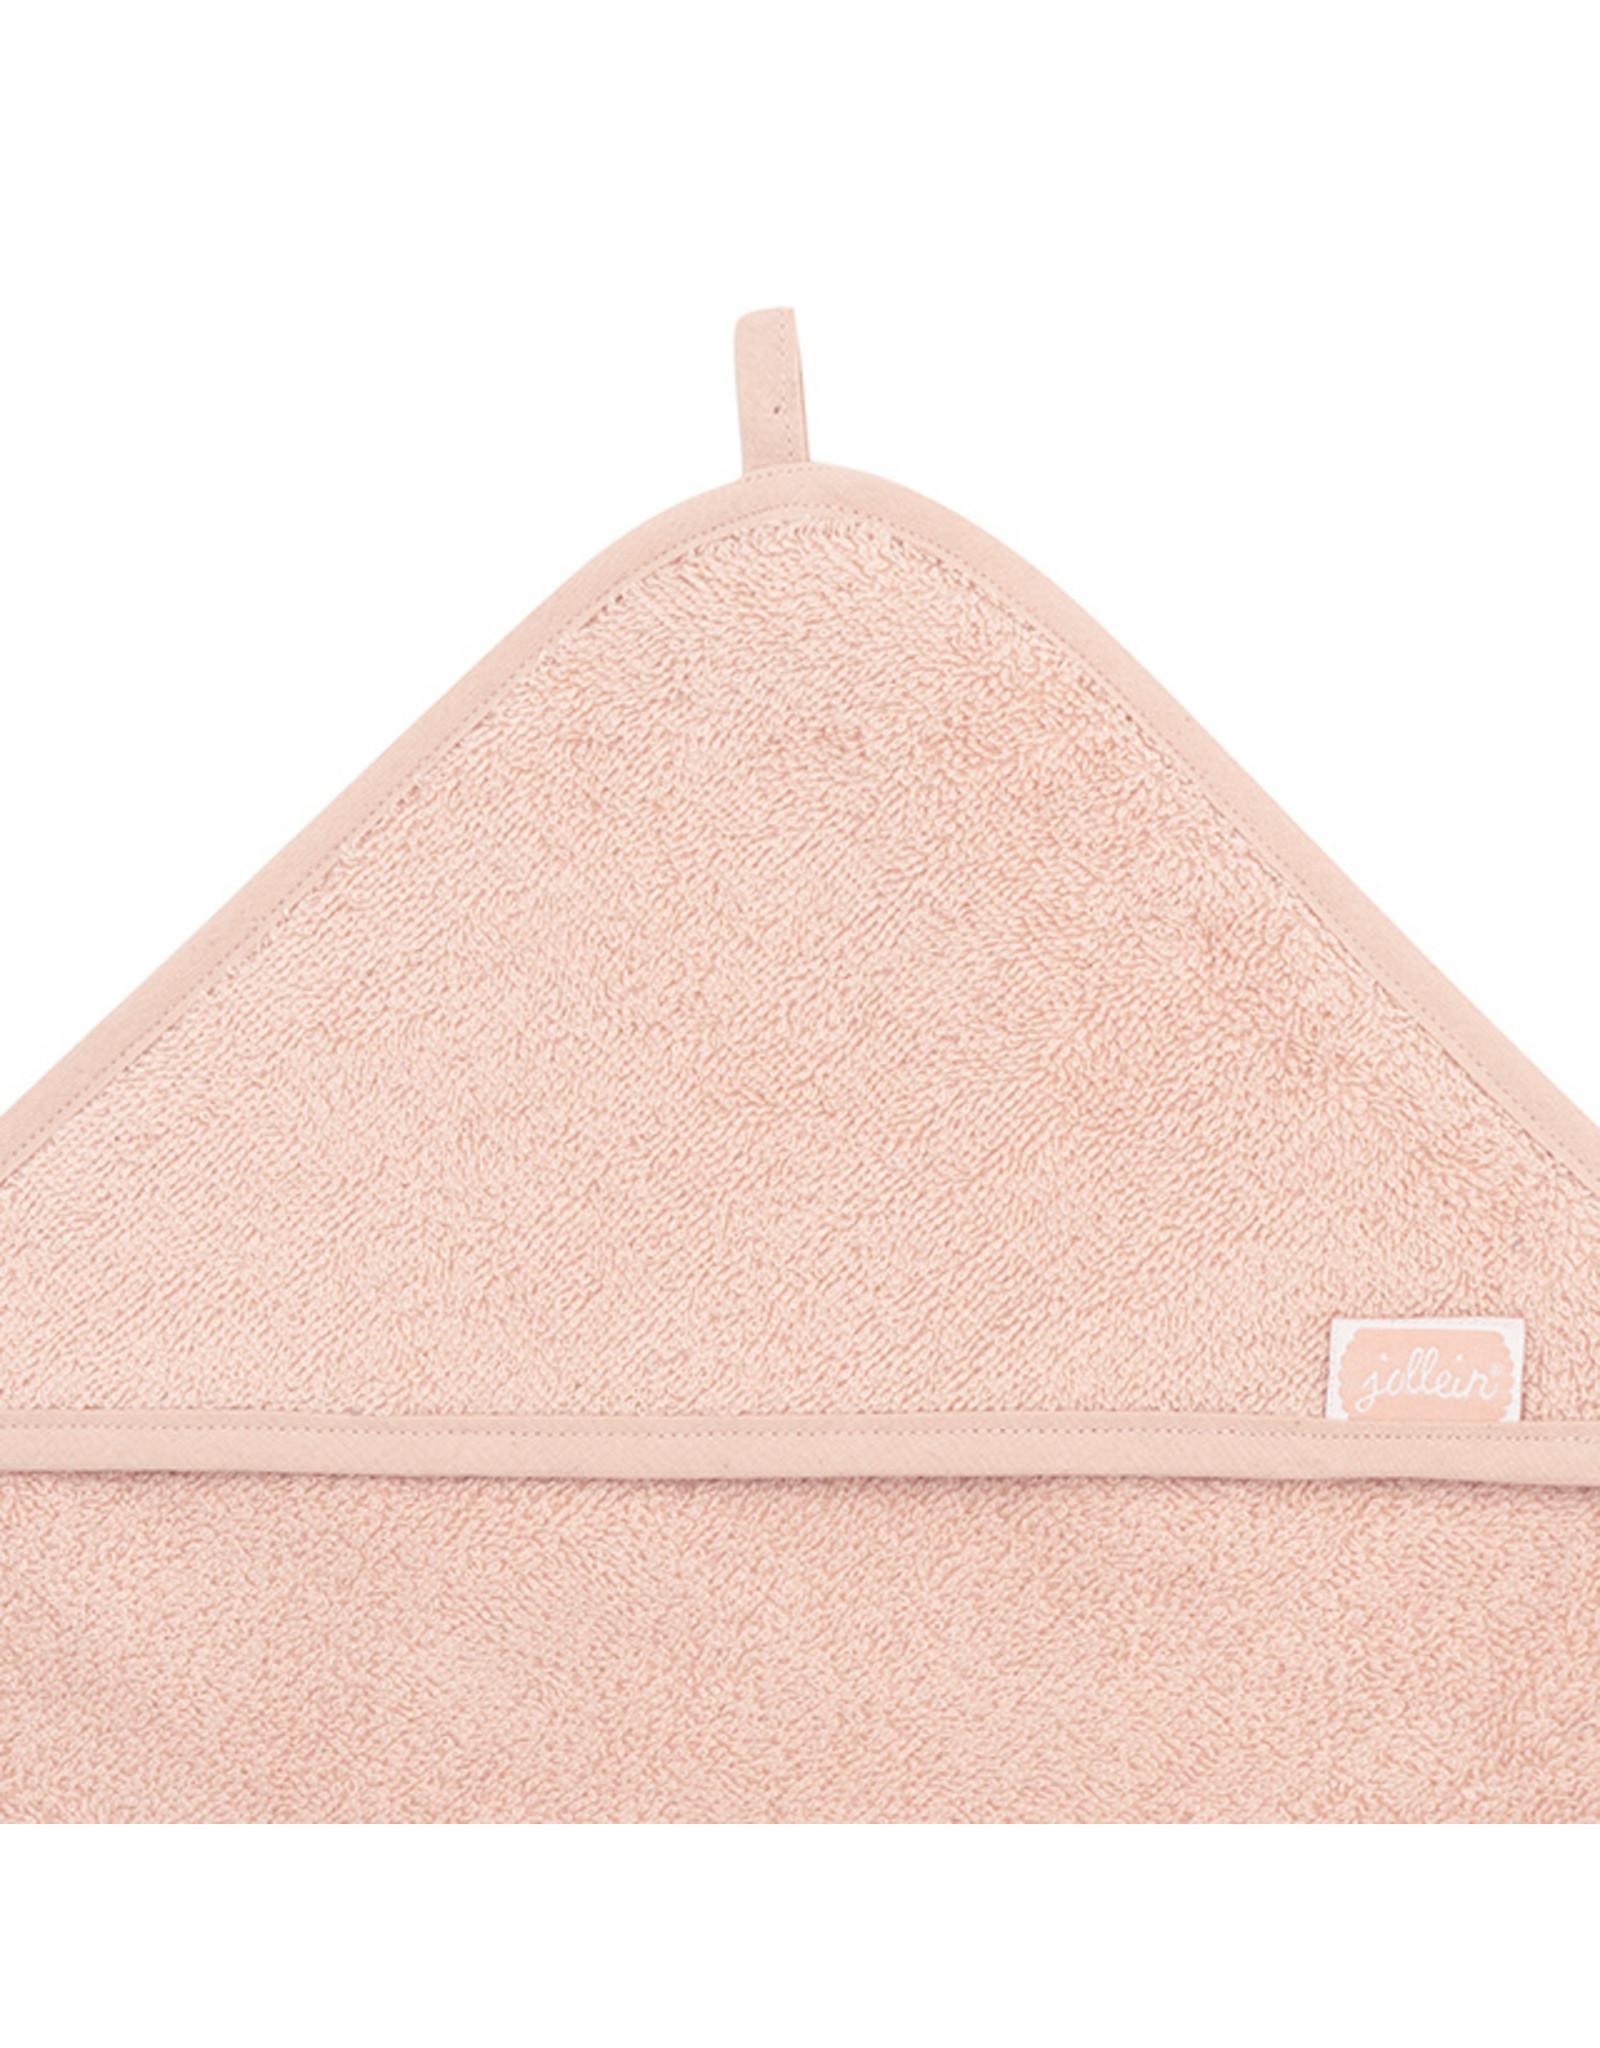 Jollein Jollein Badcape Badstof Pale Pink 75x75 CM